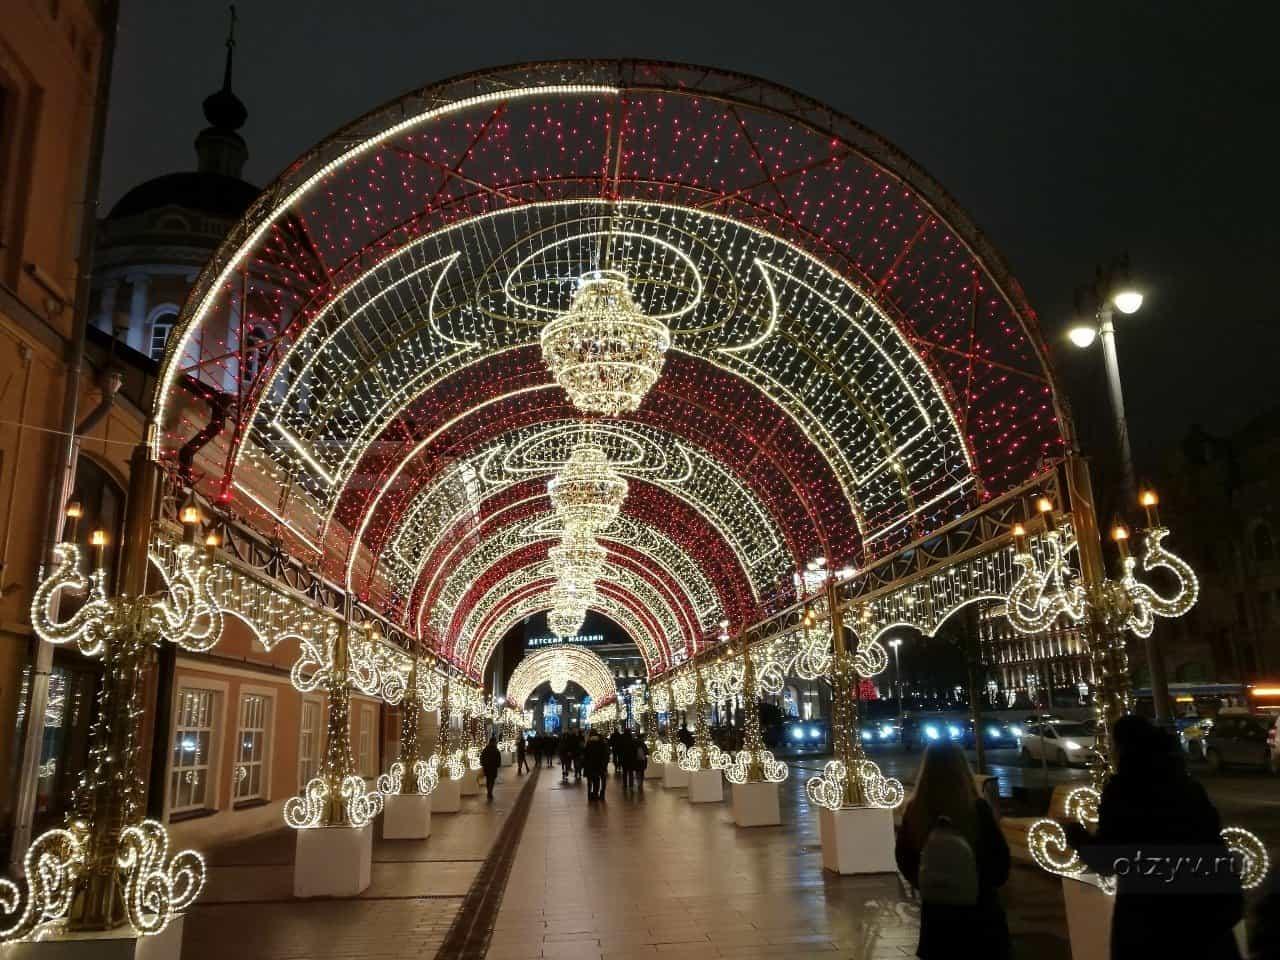 Тоннель из гирлянд на Новой площади в Москве